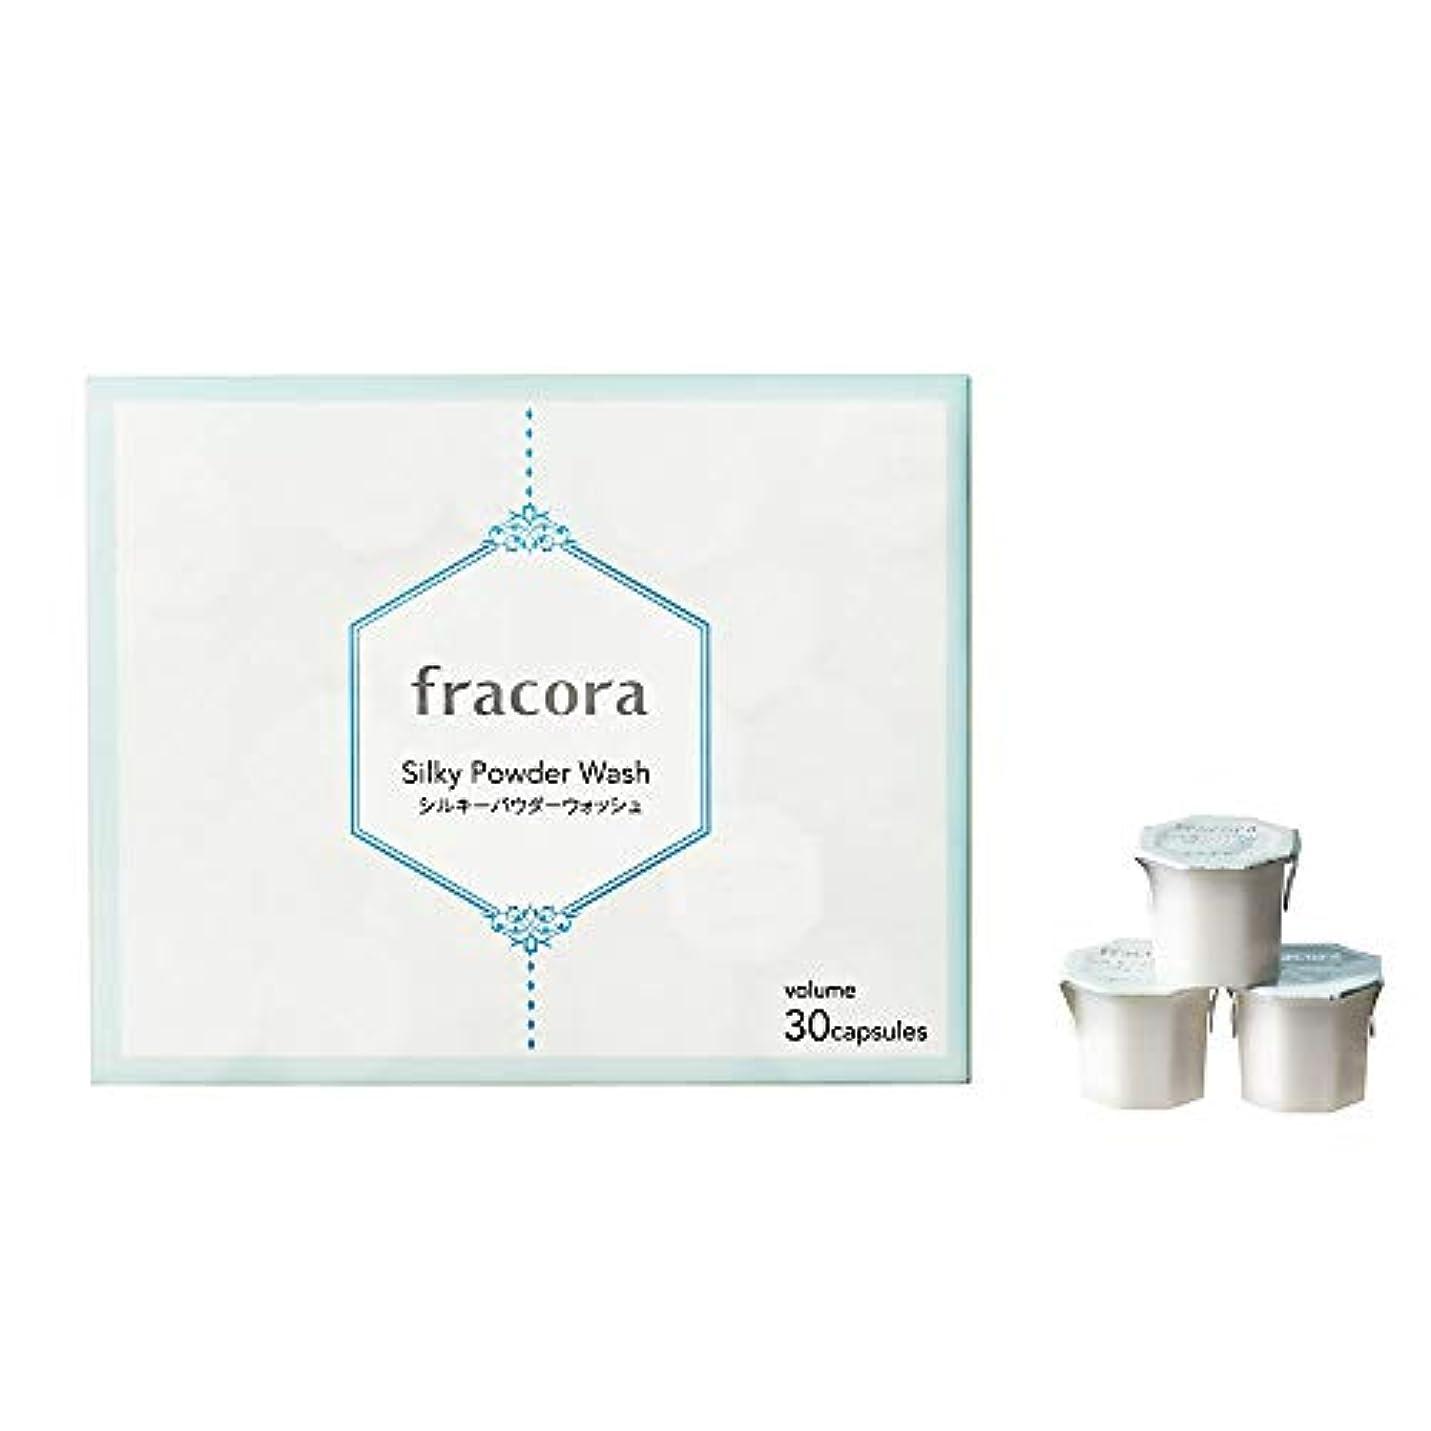 眉嫉妬泣くfracora(フラコラ) 酵素洗顔 シルキーパウダーウォッシュ 30カプセル入